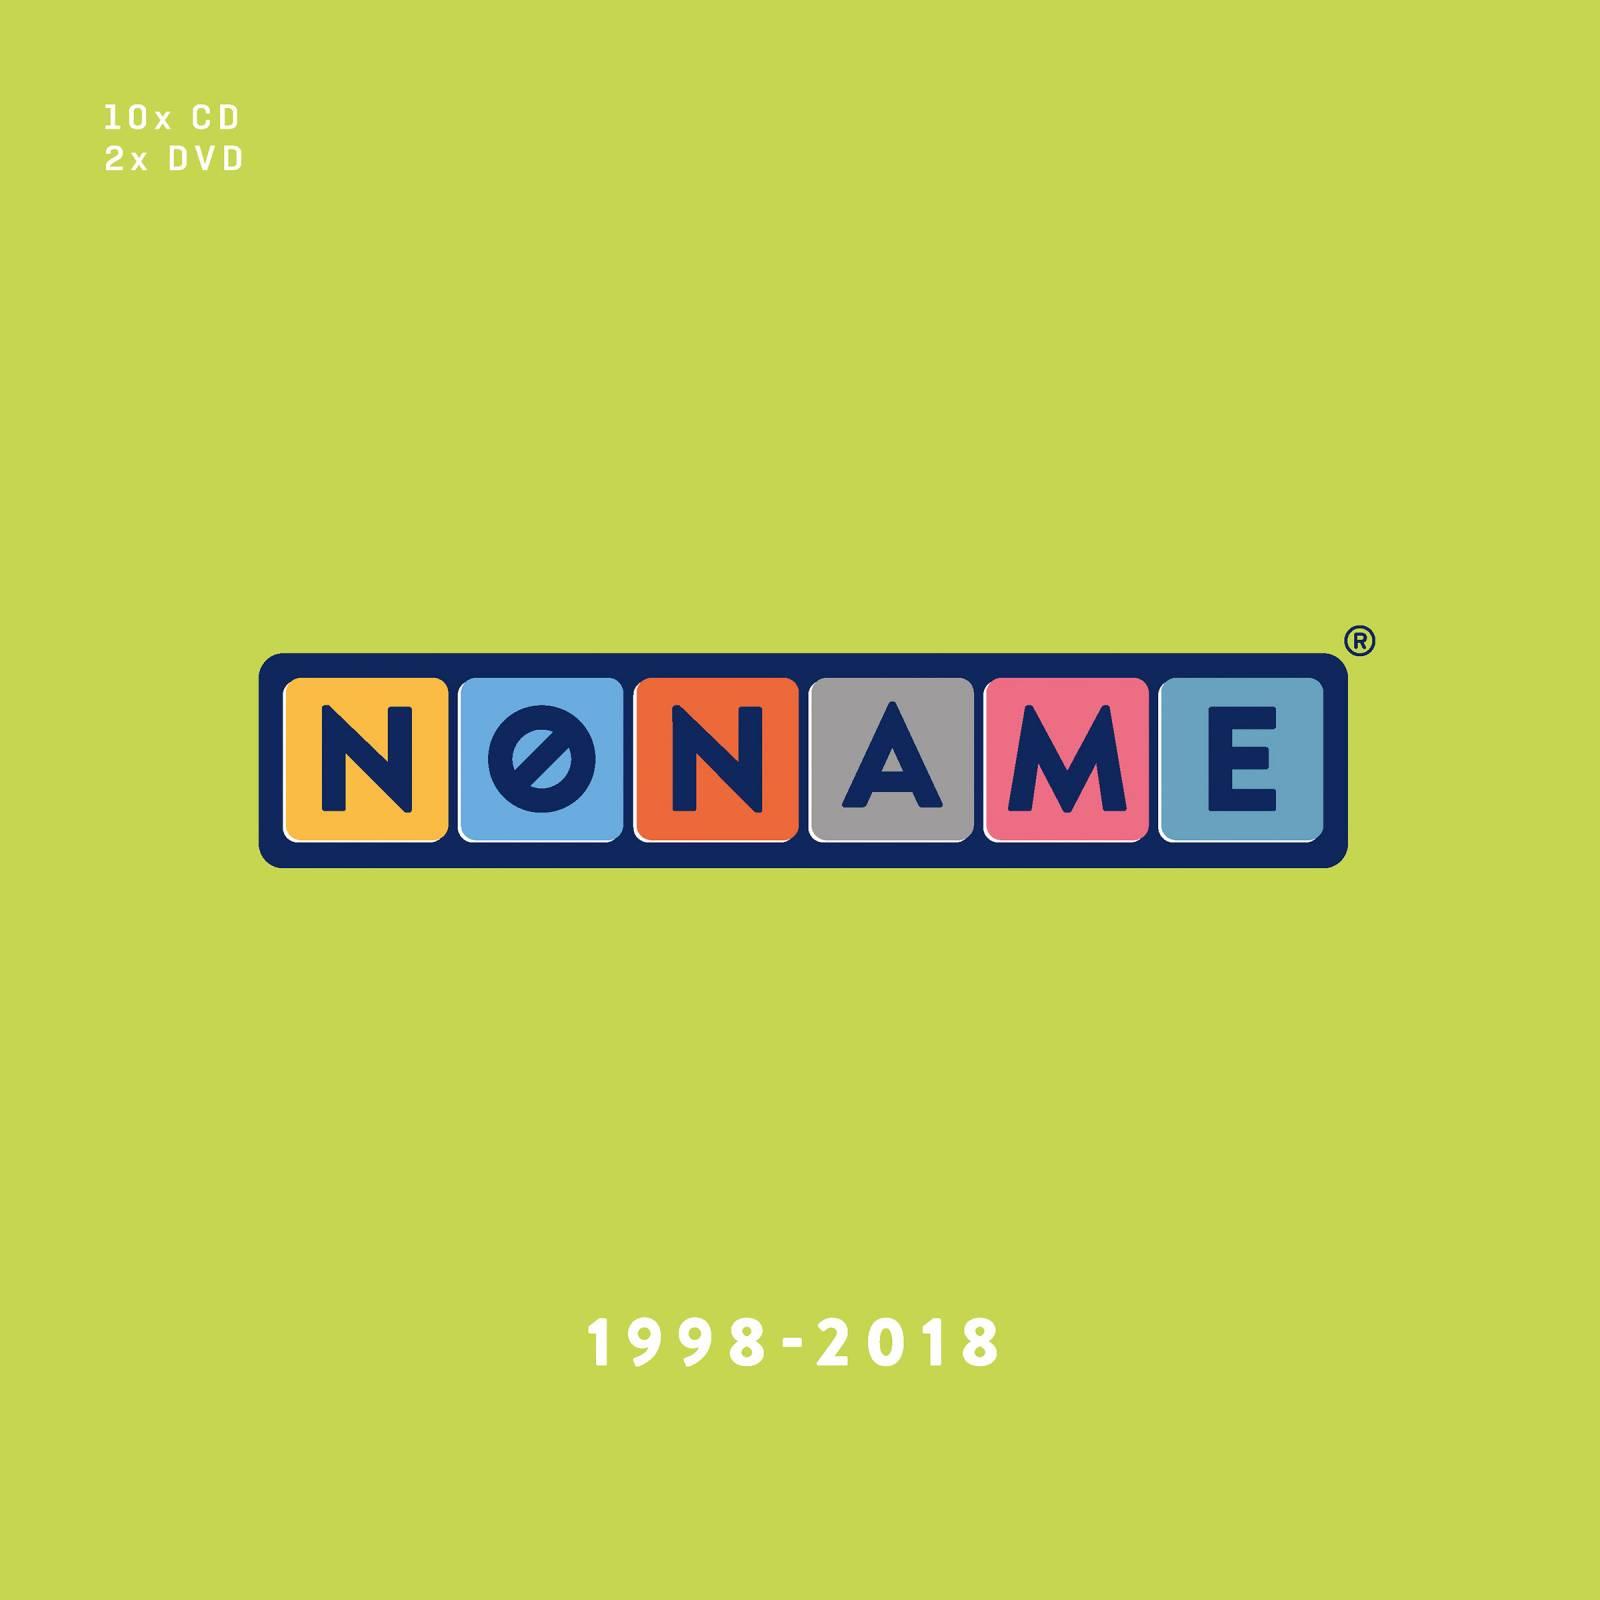 No Name potěší fanoušky souhrnným kompletem celé jejich diskografie